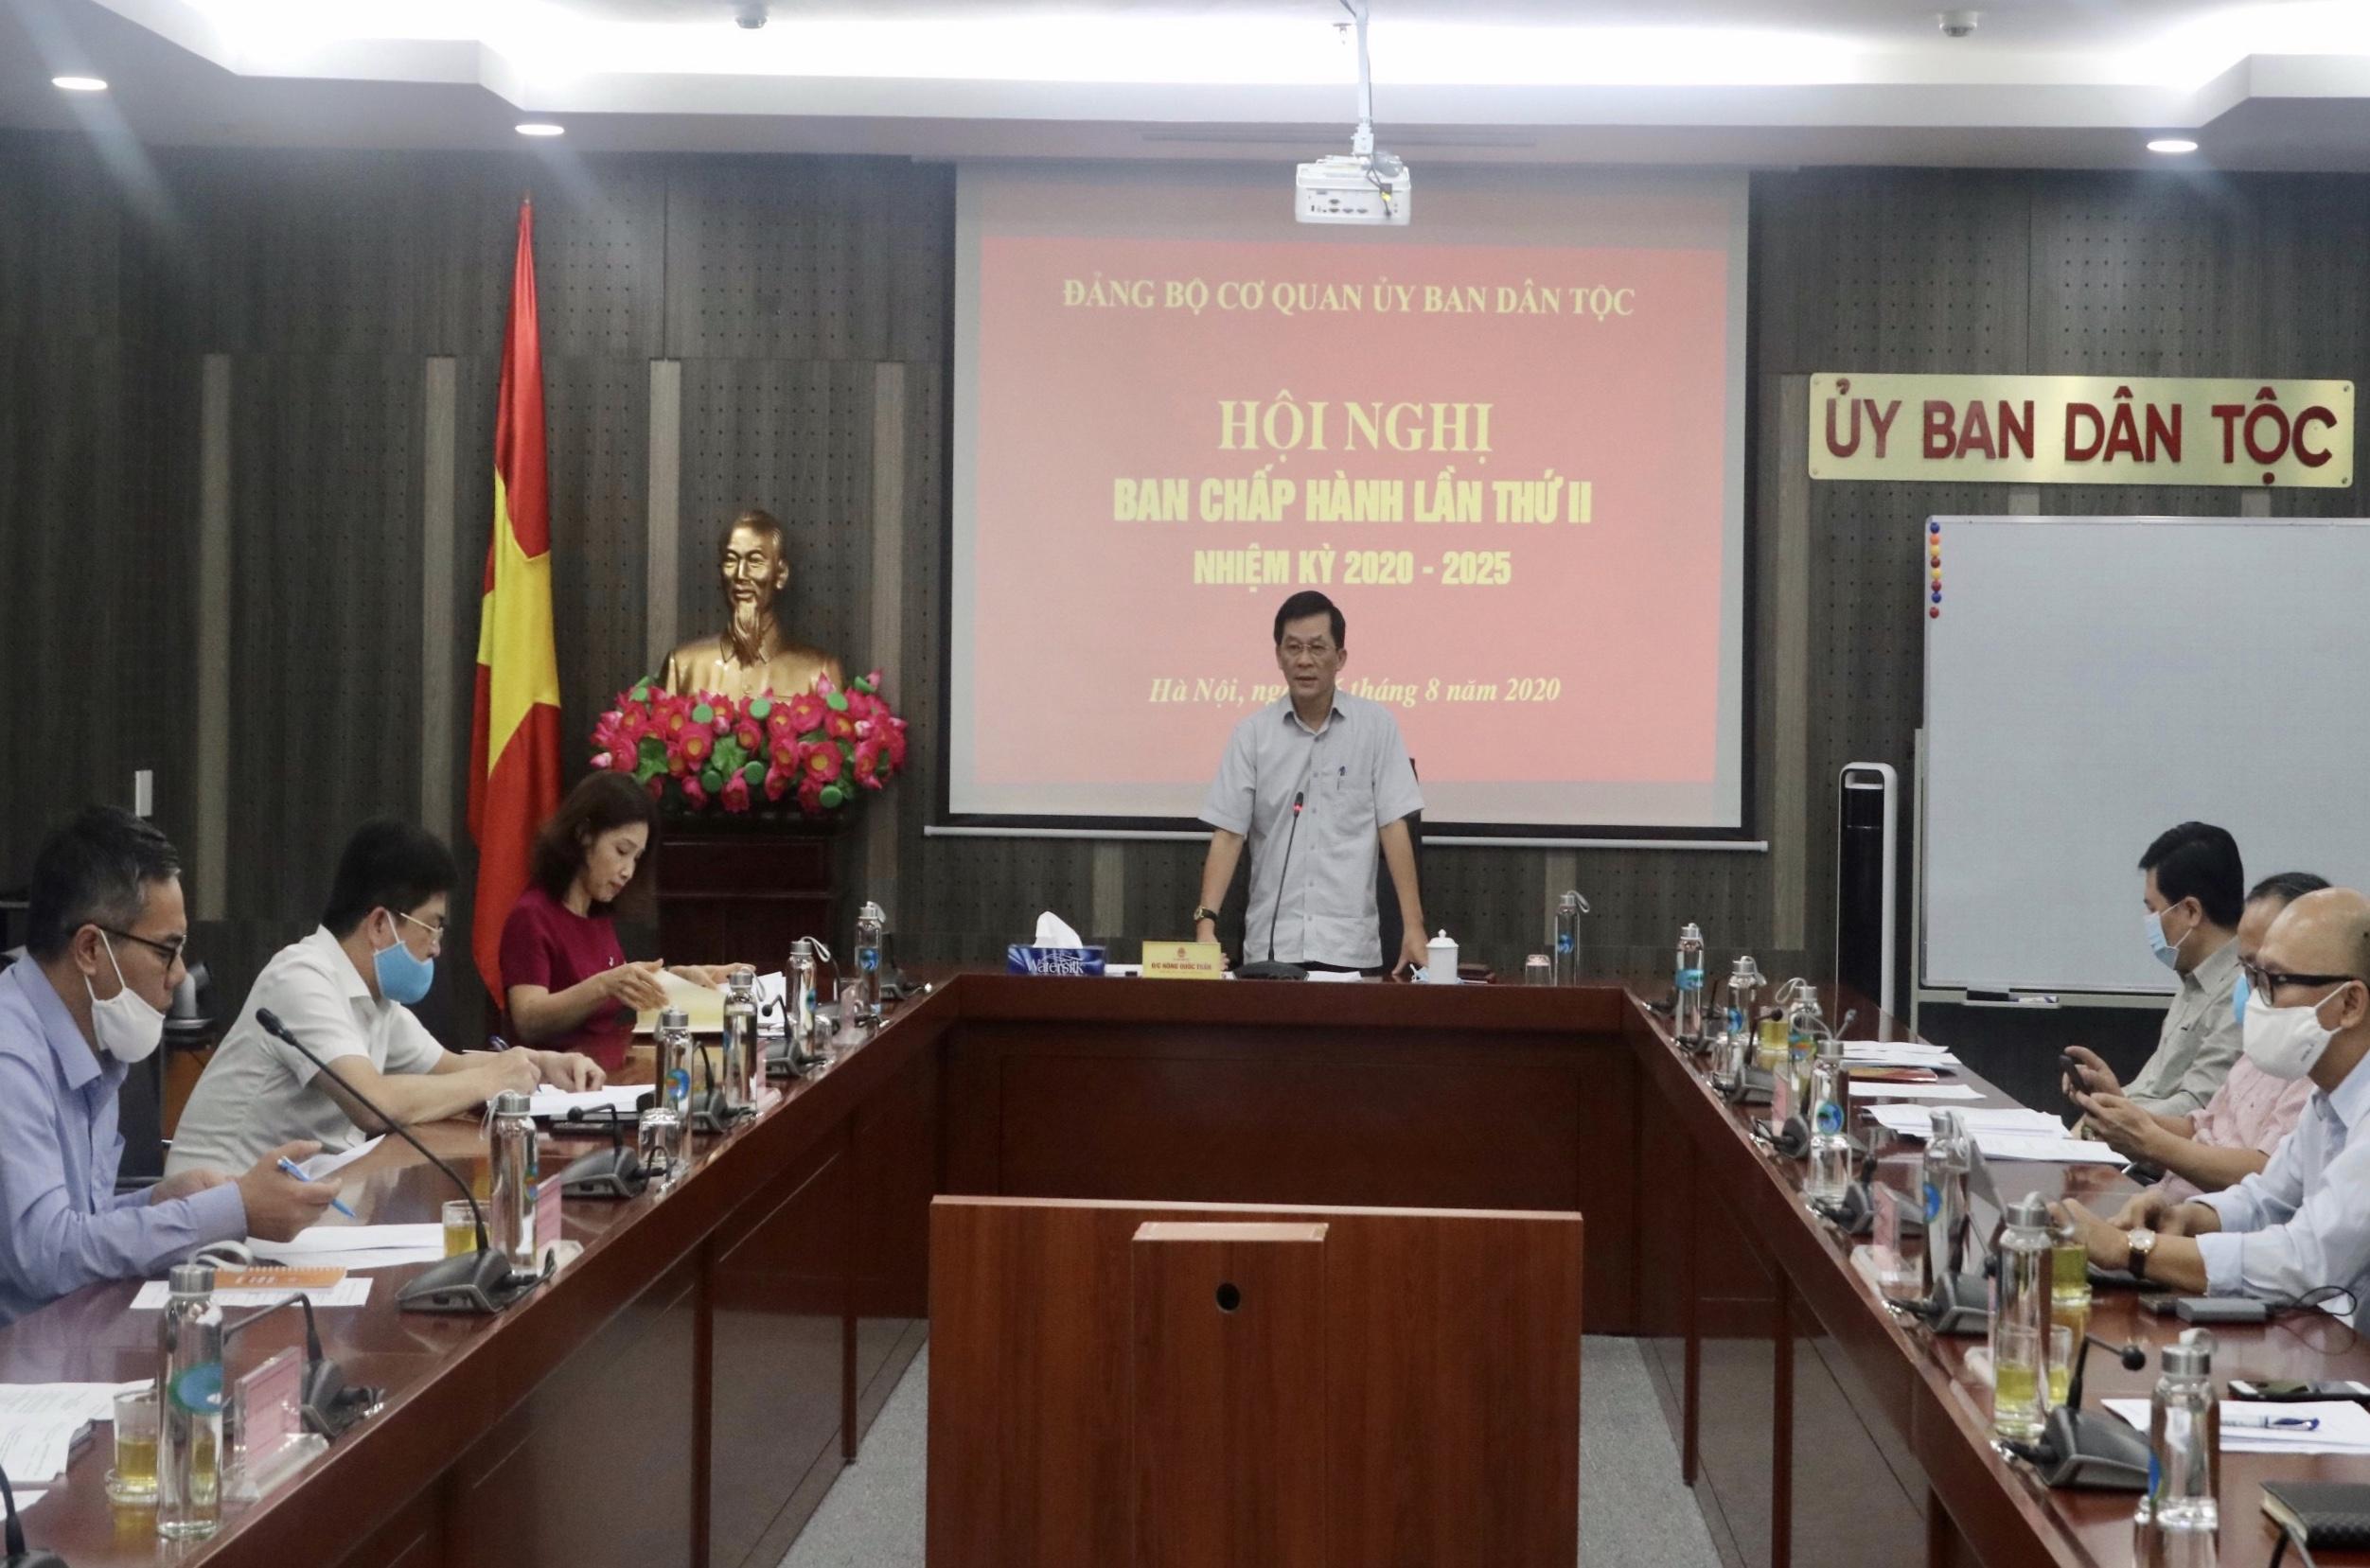 Bí thư Đảng ủy, Thứ trưởng, Phó Chủ nhiệm UBDT Nông Quốc Tuấn chủ trì Hội nghị.